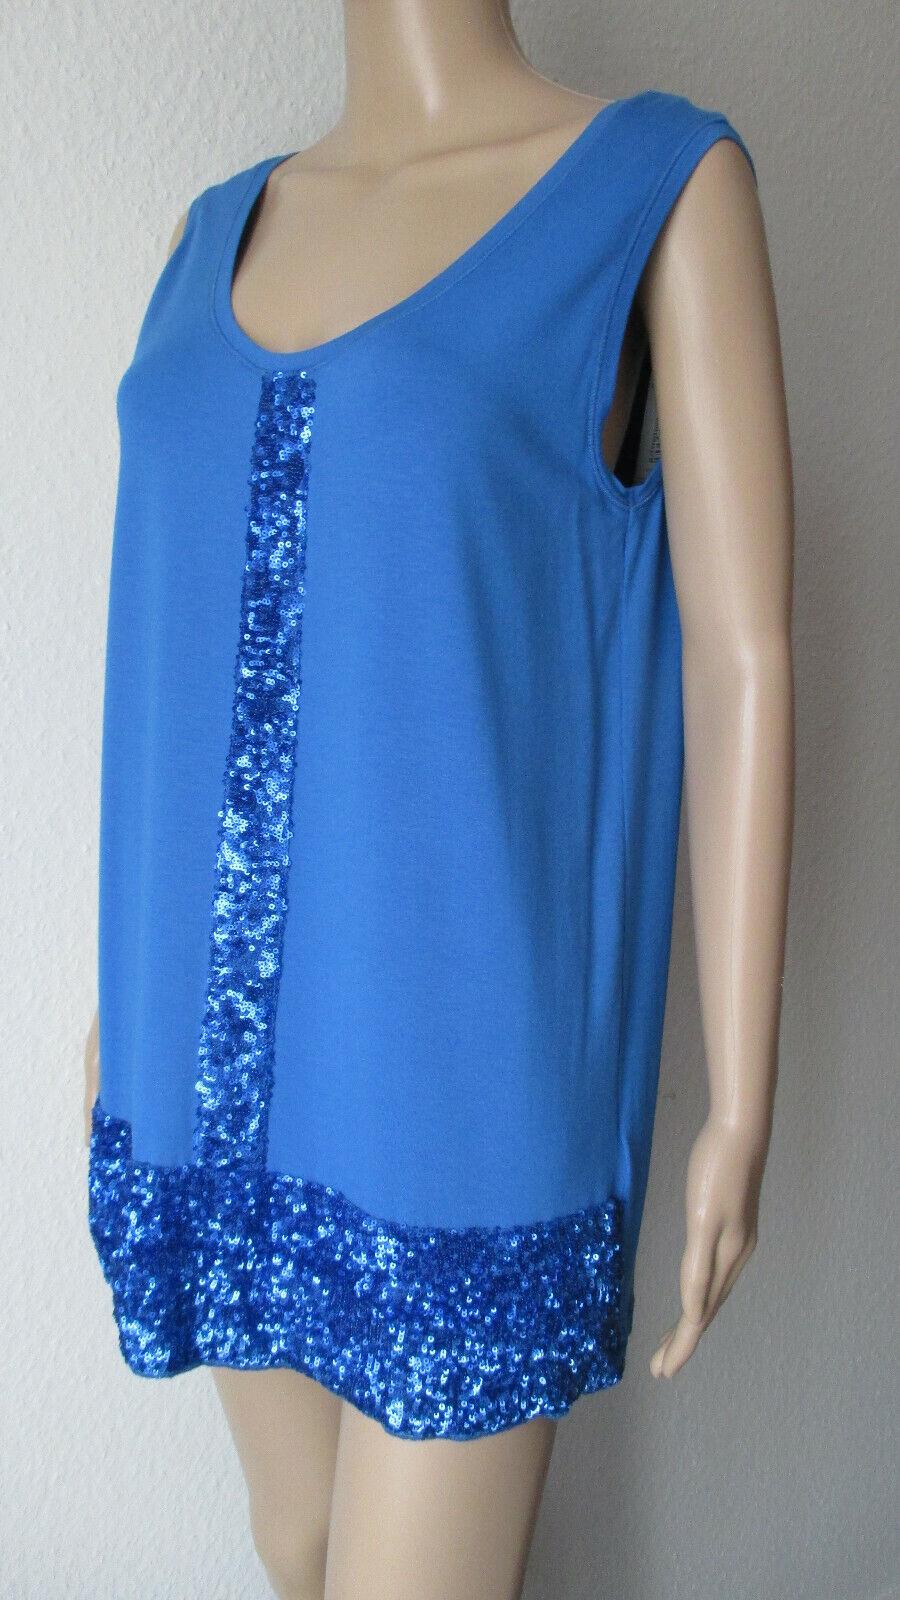 Camisa riani  en azul, con pailettenbesatz en azul, tamaño 42  los nuevos estilos calientes